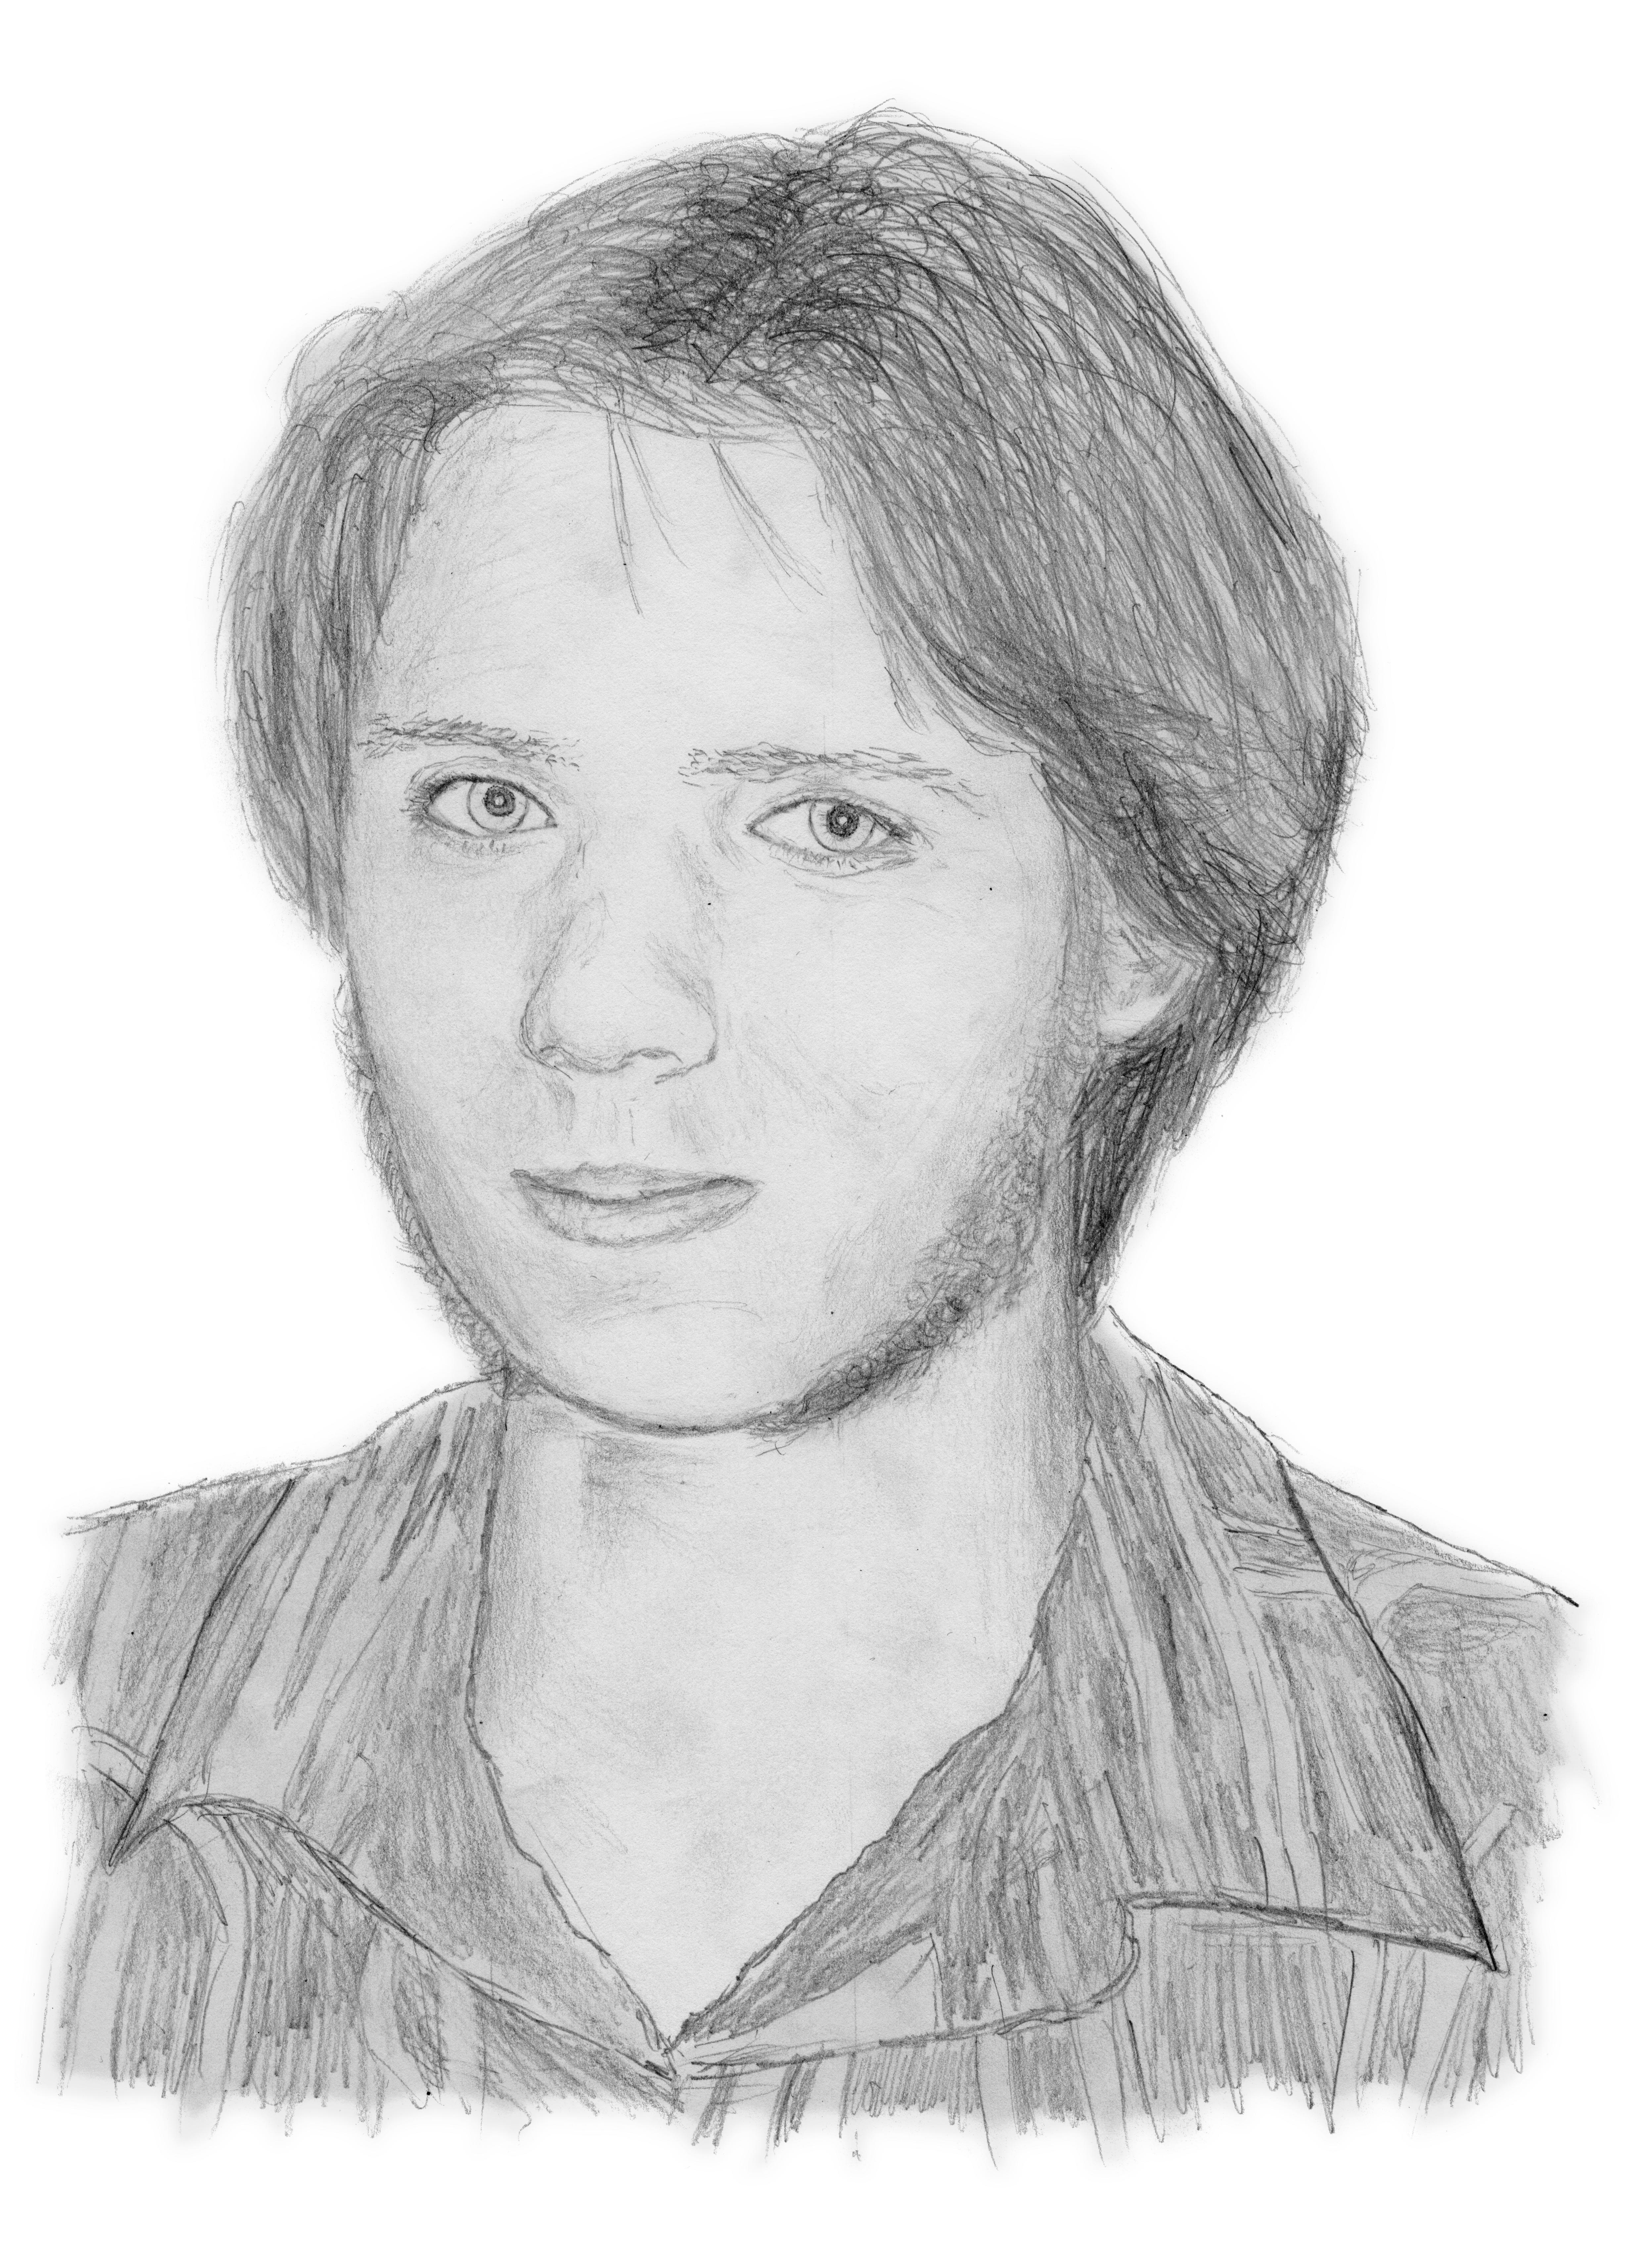 Pencil portrait without glasses